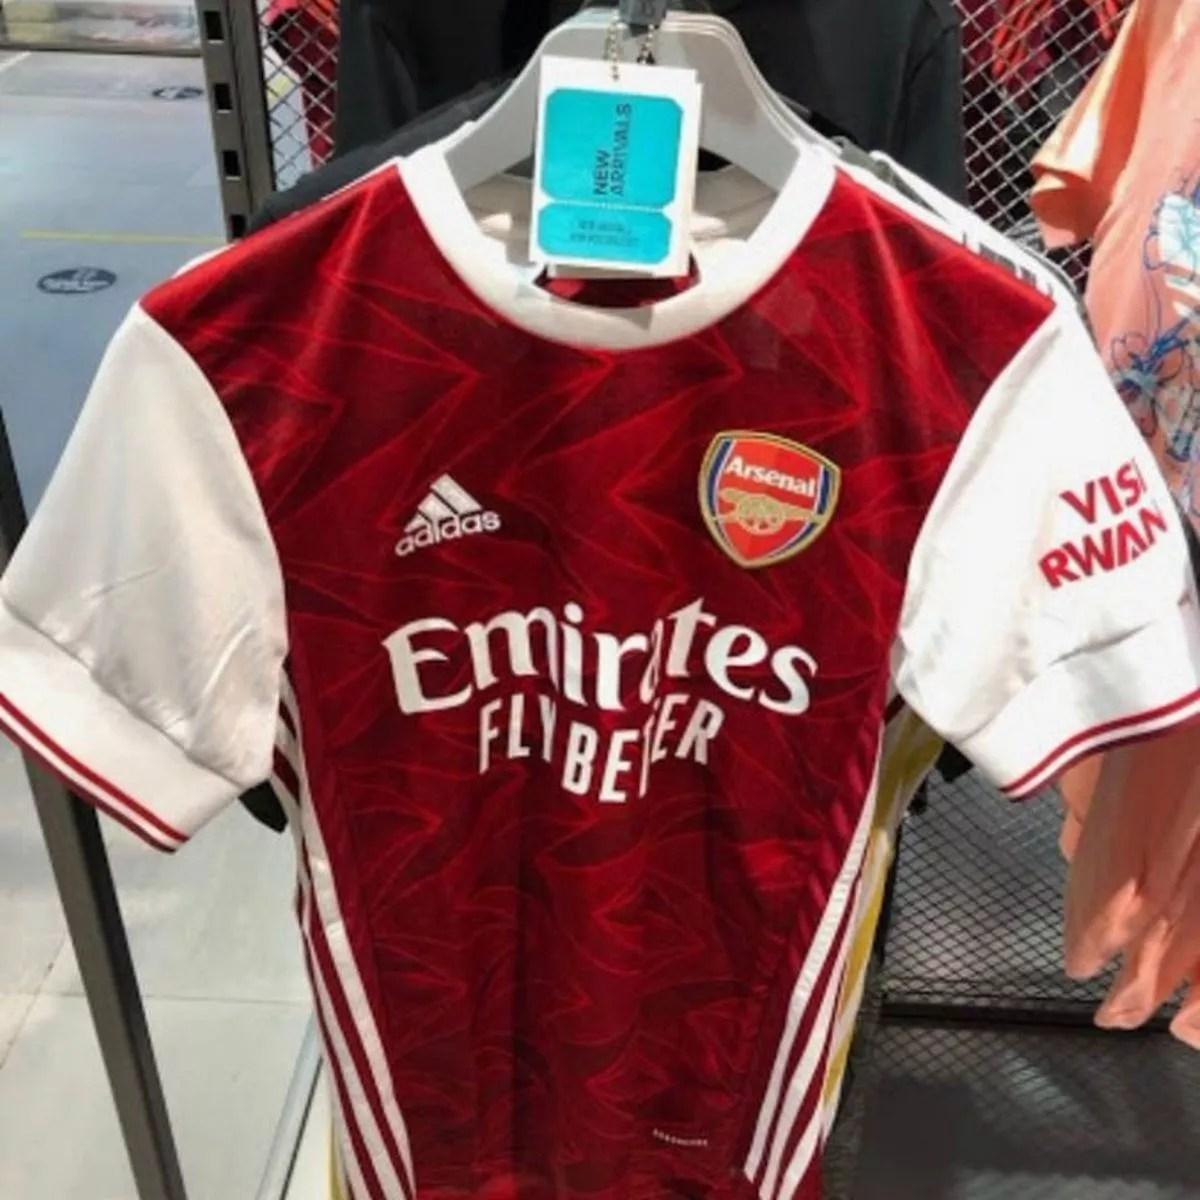 new arsenal 2020 21 adidas kits